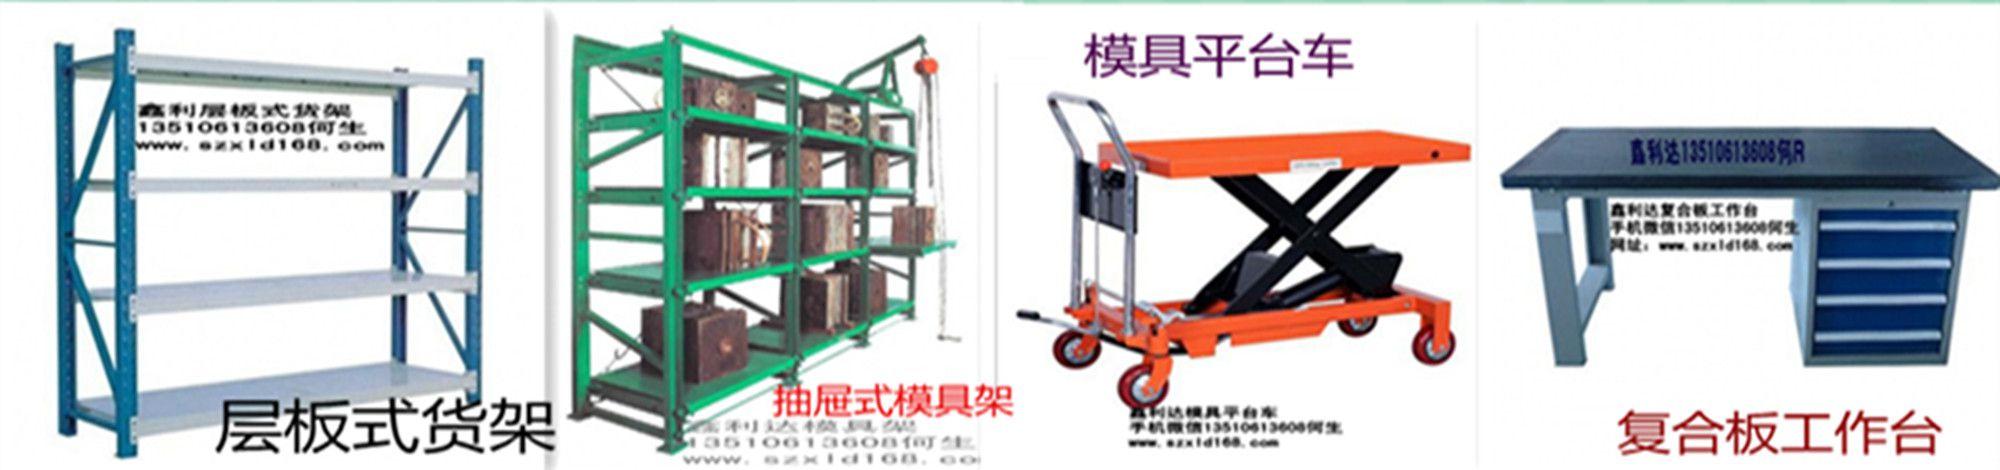 深圳市鑫利达工业设备有限公司